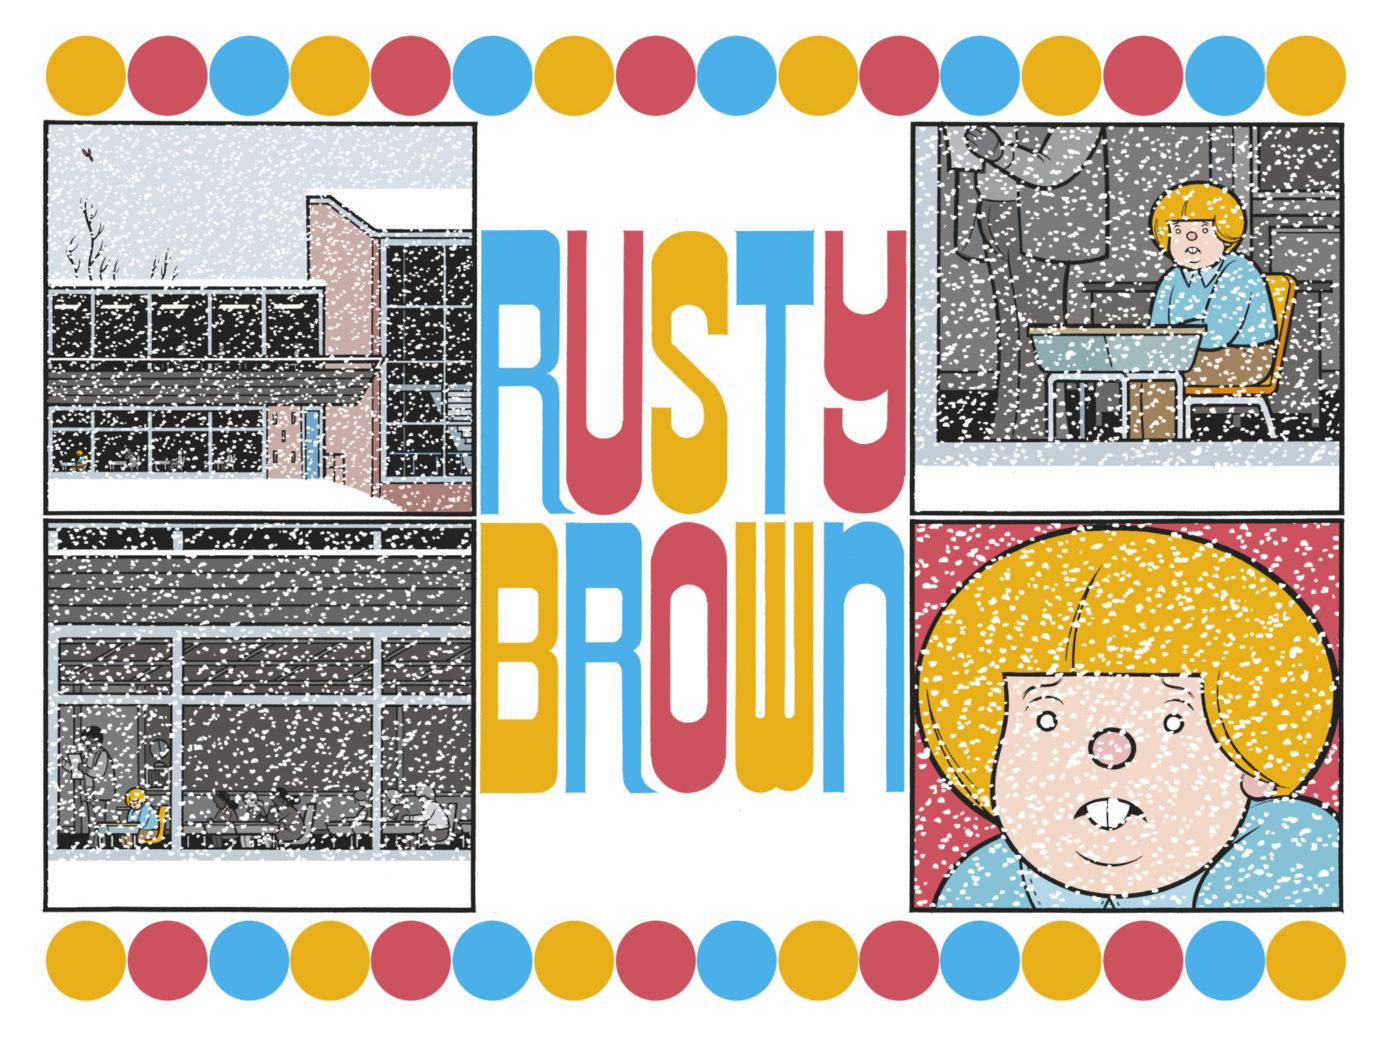 Chris Ware de volta ao Brasil: Cia das Letras promete Rusty Brown para 2020 e reimpressão de Jimmy Corrigan para agosto de 2019. Confira uma prévia de Rusty Brown!